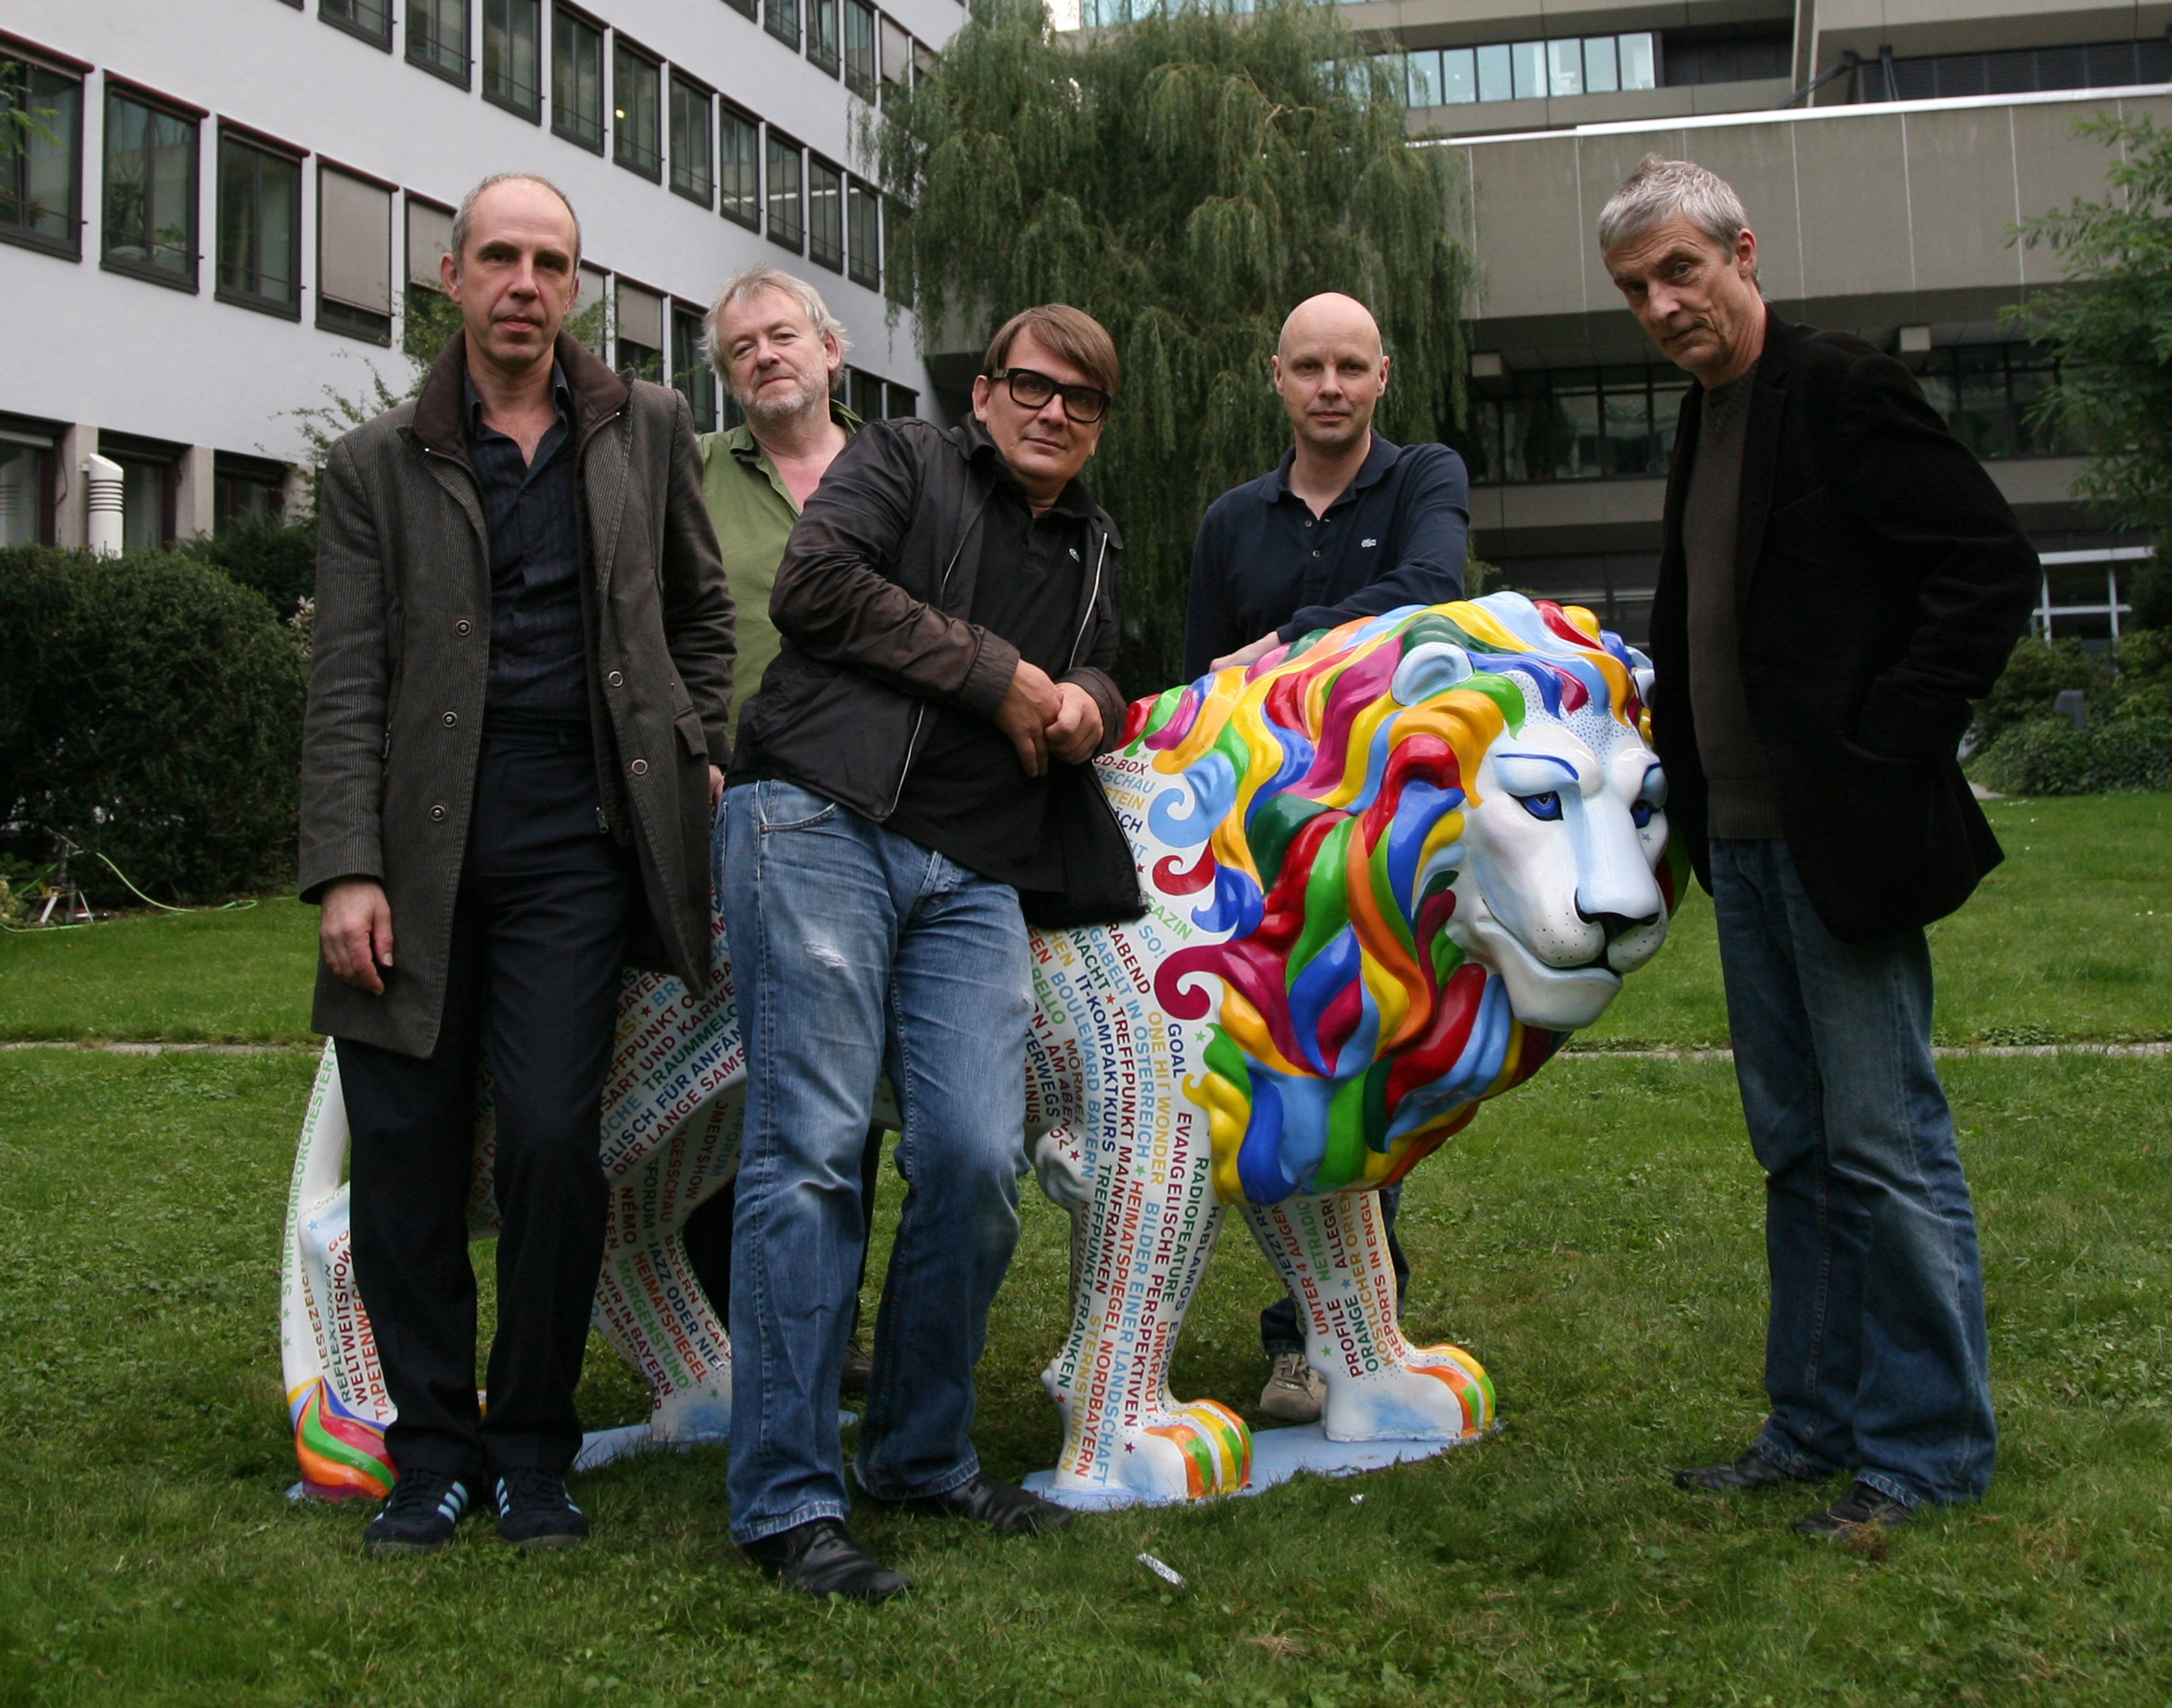 Foto: Bayerischer Rundfunk